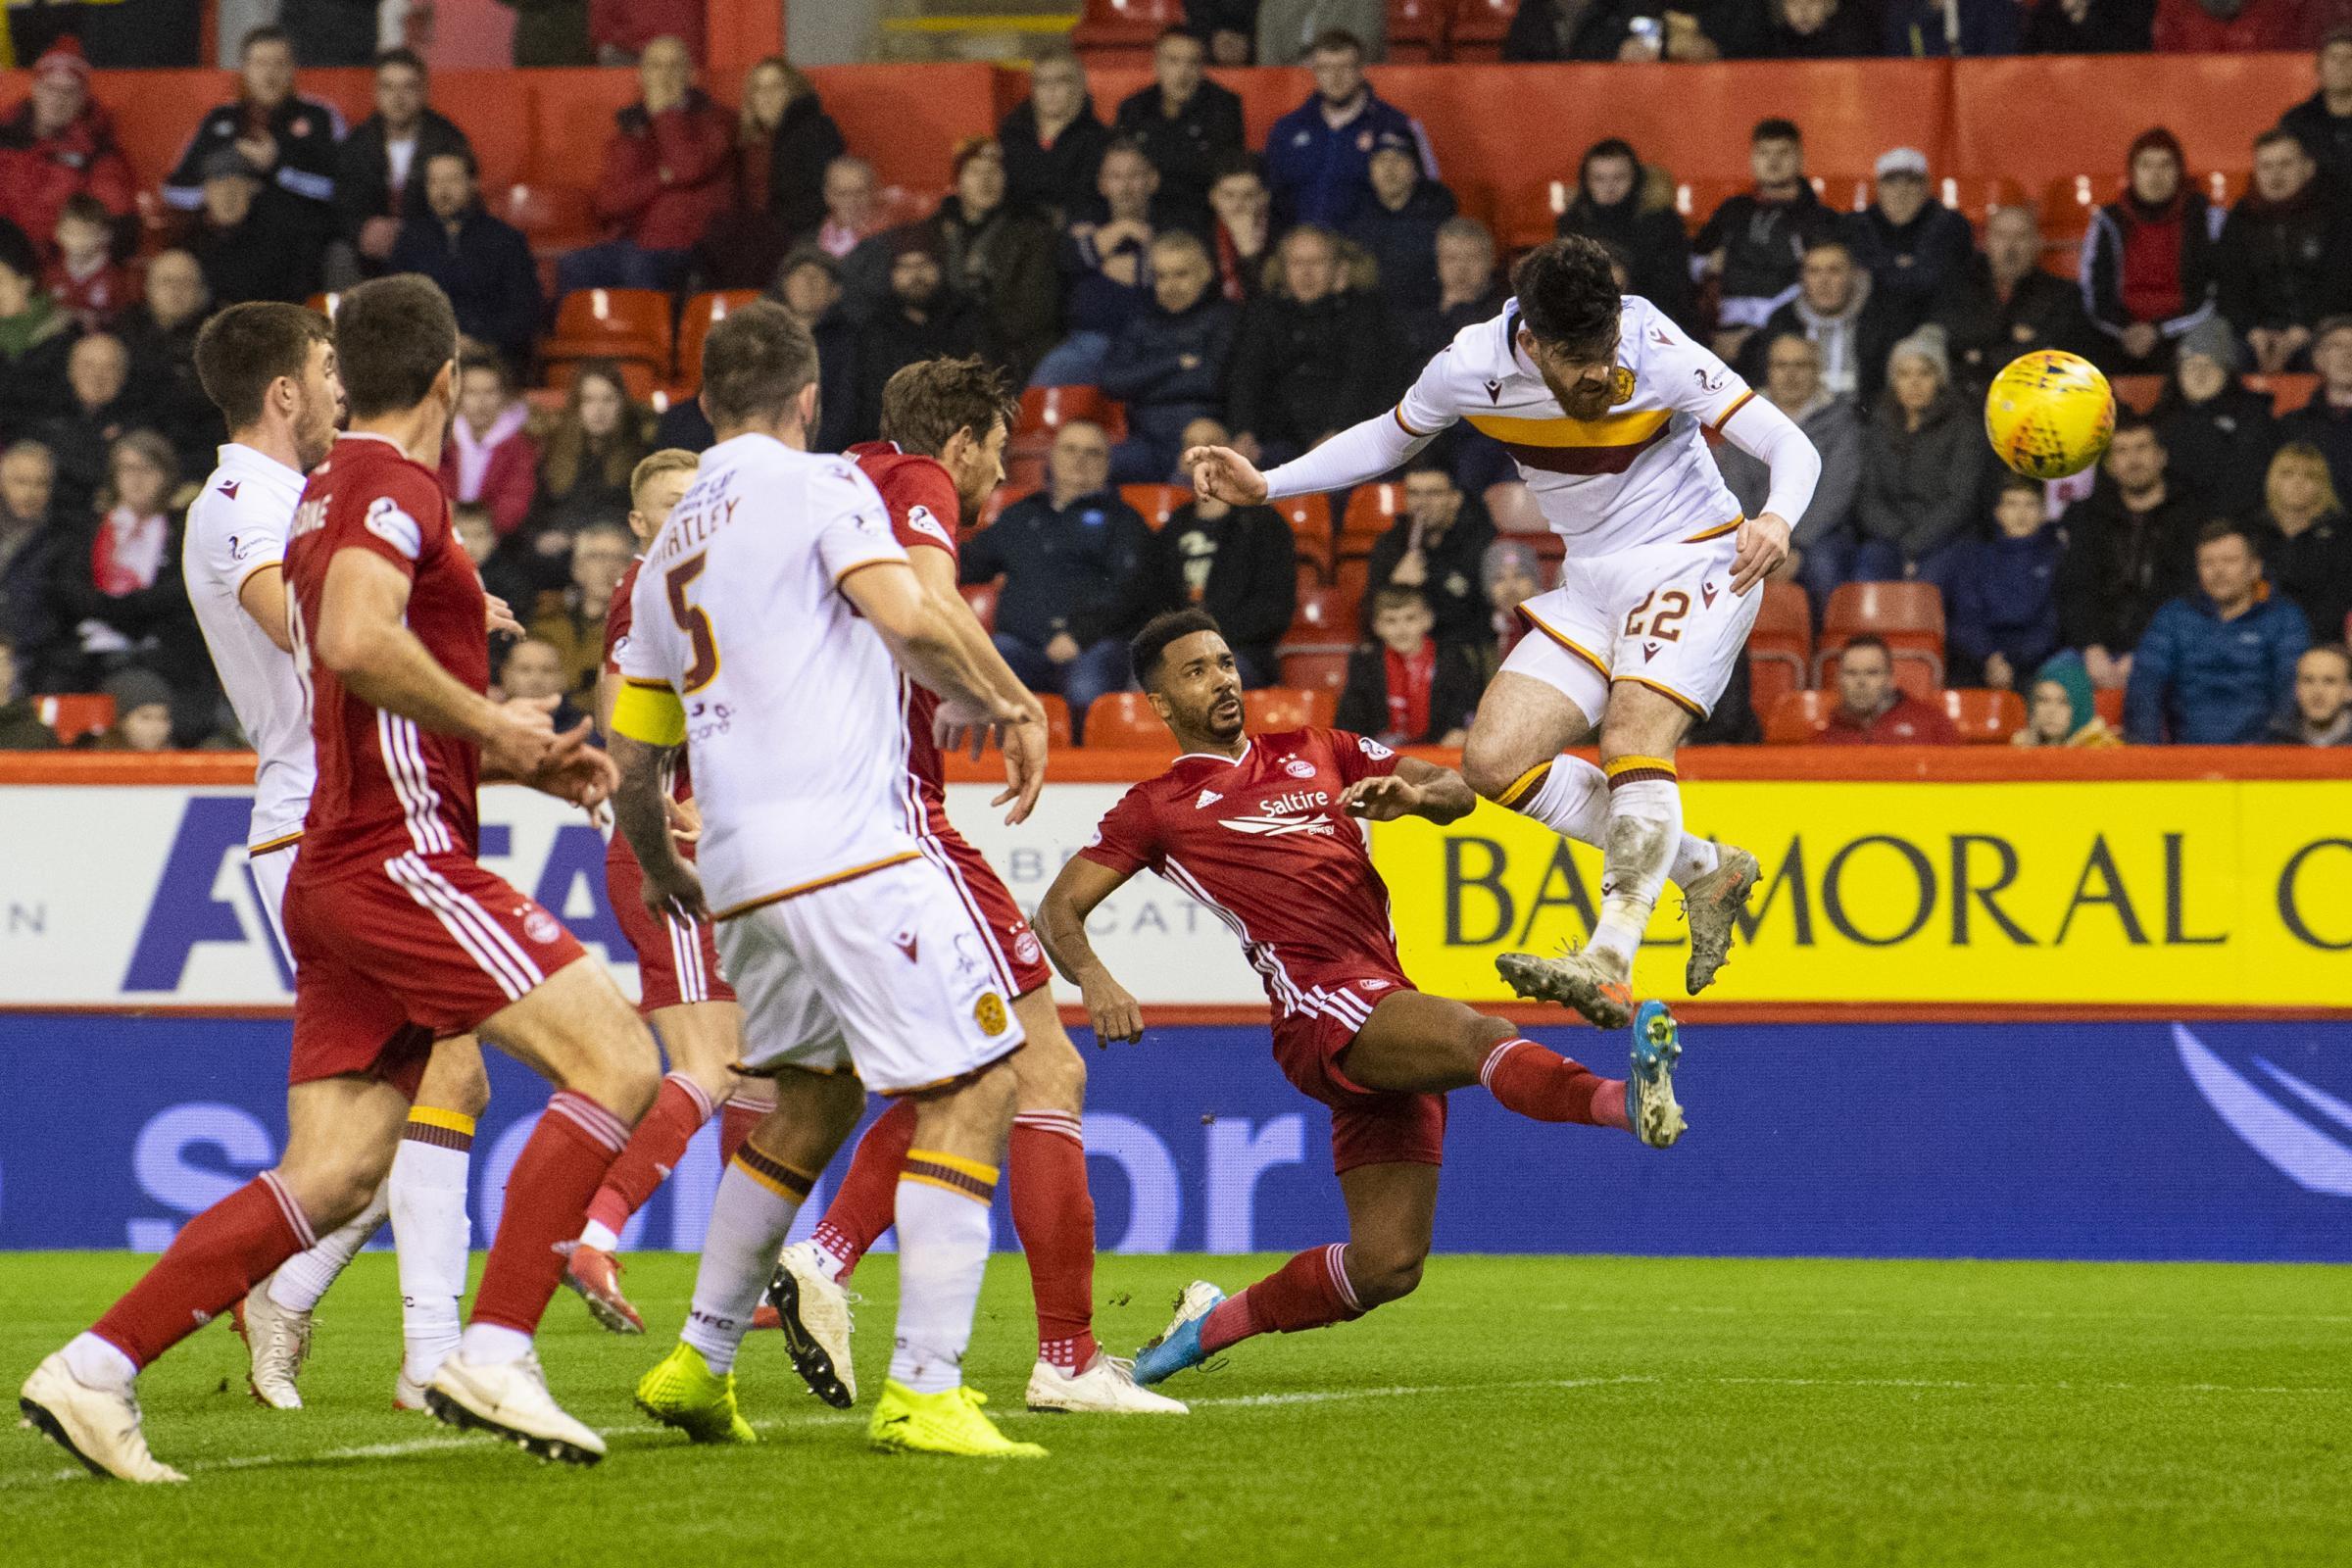 Aberdeen 0, Motherwell 1: Steelmen seal big win in Euro race